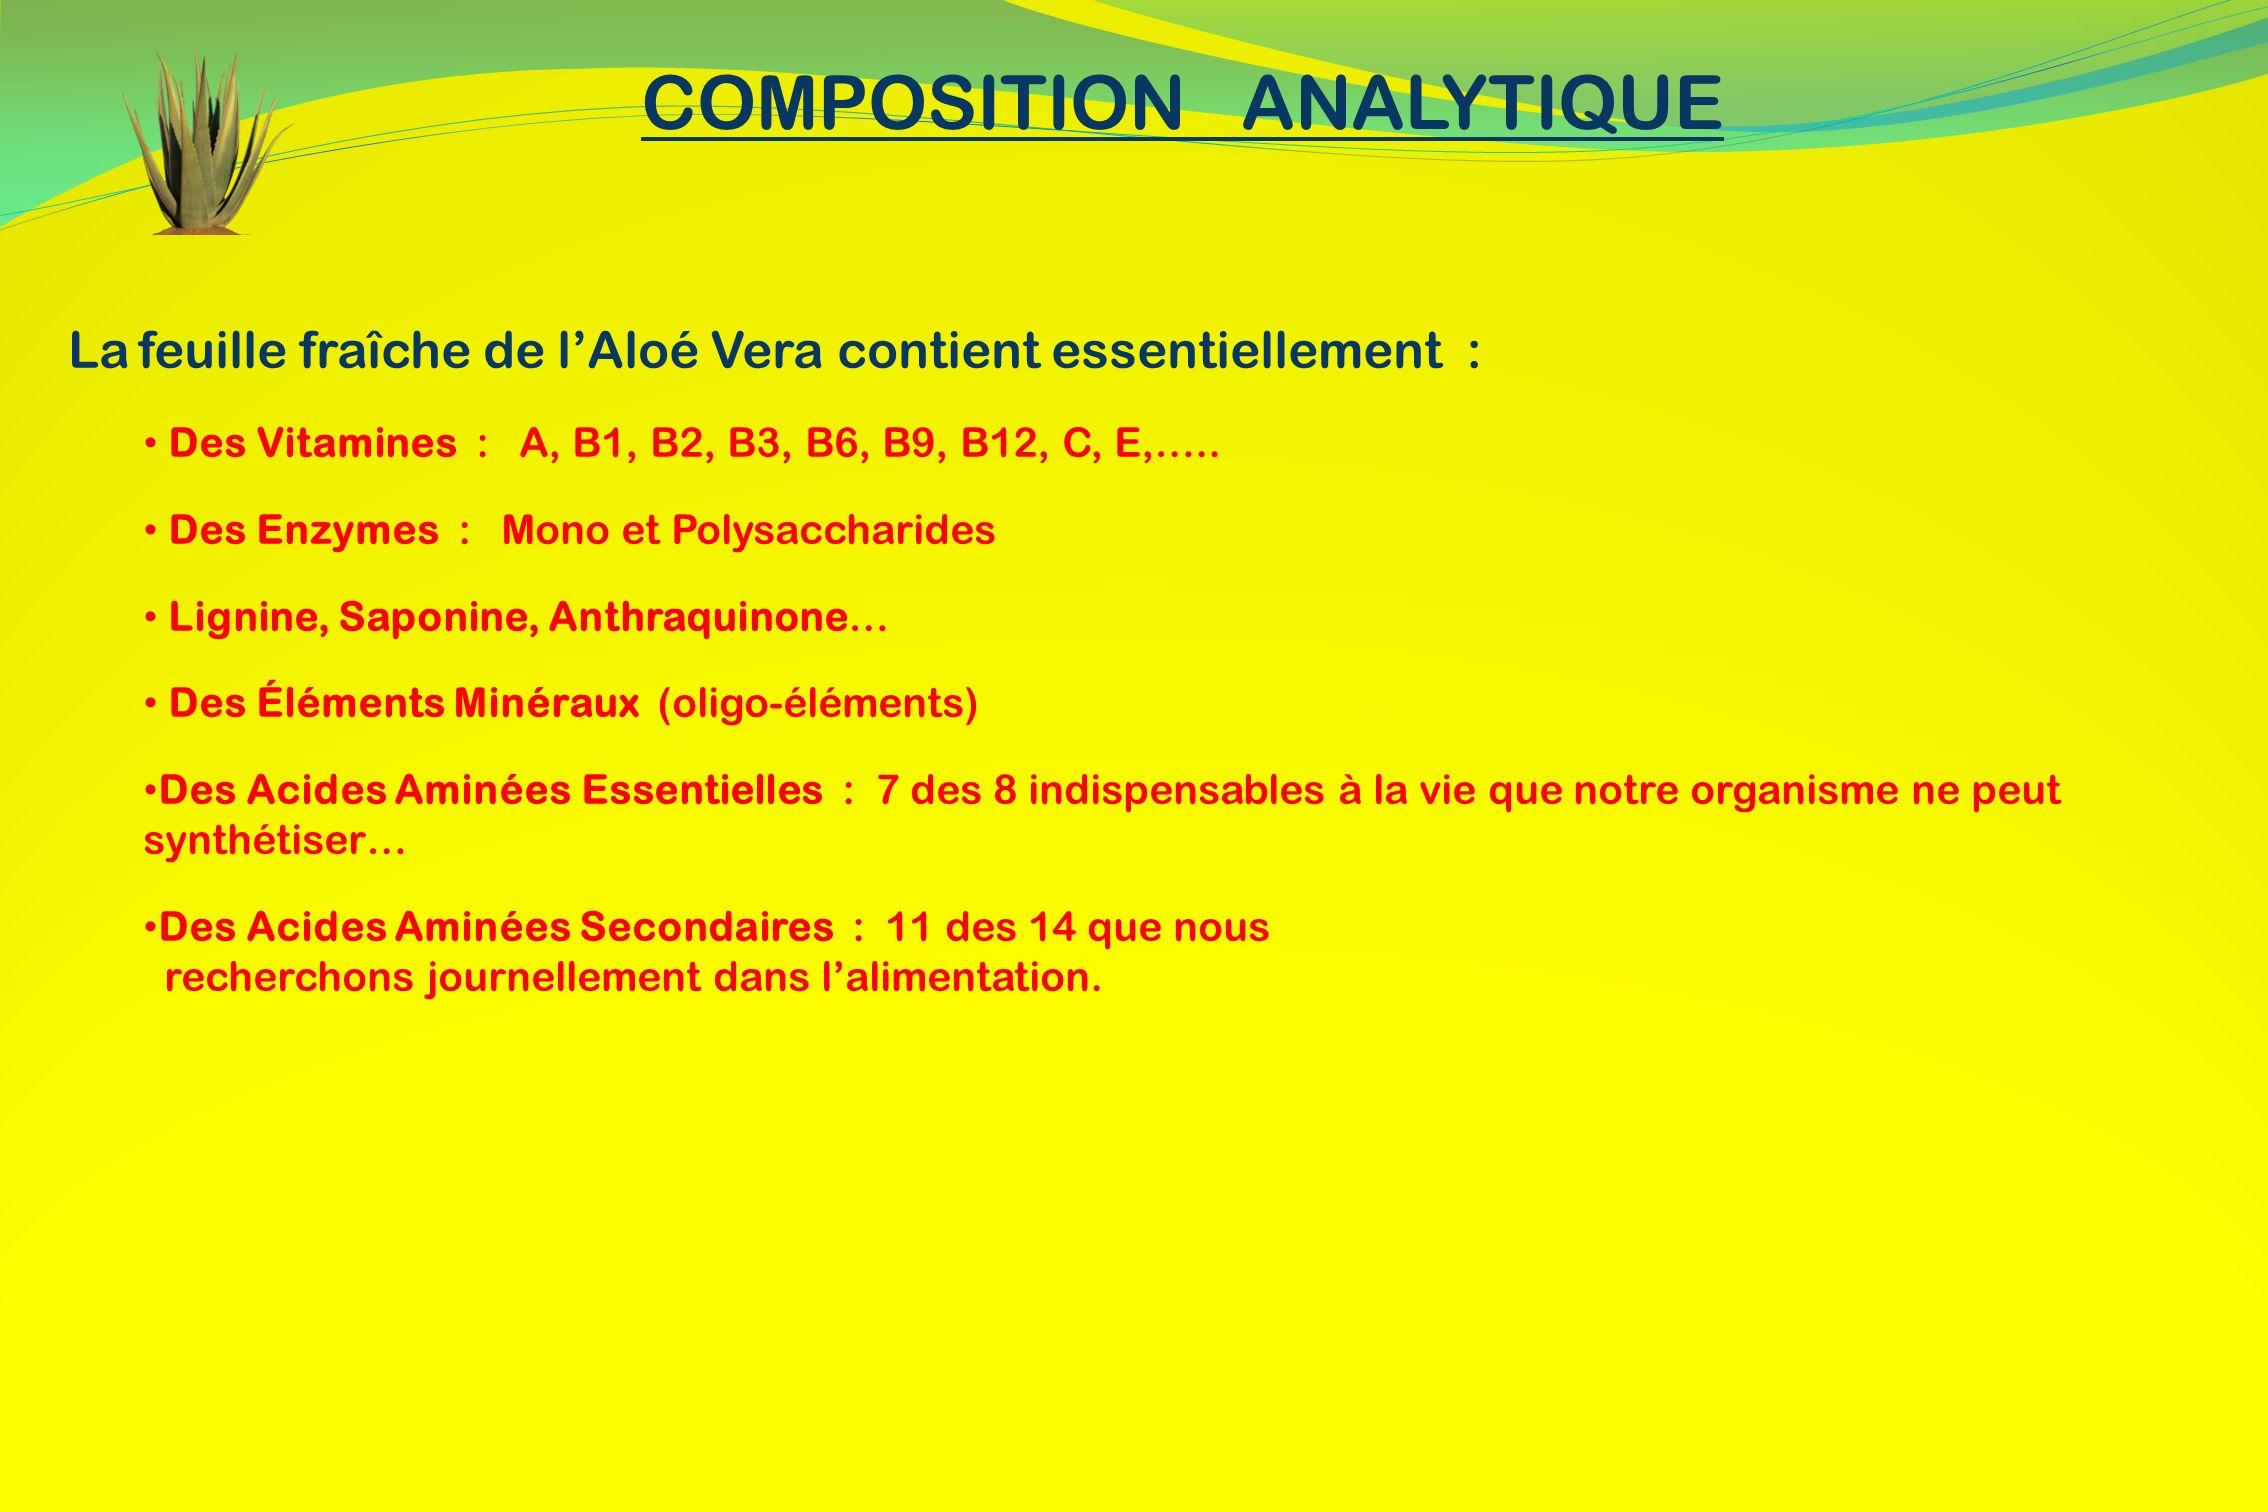 La feuille fraîche de lAloé Vera contient essentiellement : Des Vitamines : A, B1, B2, B3, B6, B9, B12, C, E,….. Des Enzymes : Mono et Polysaccharides